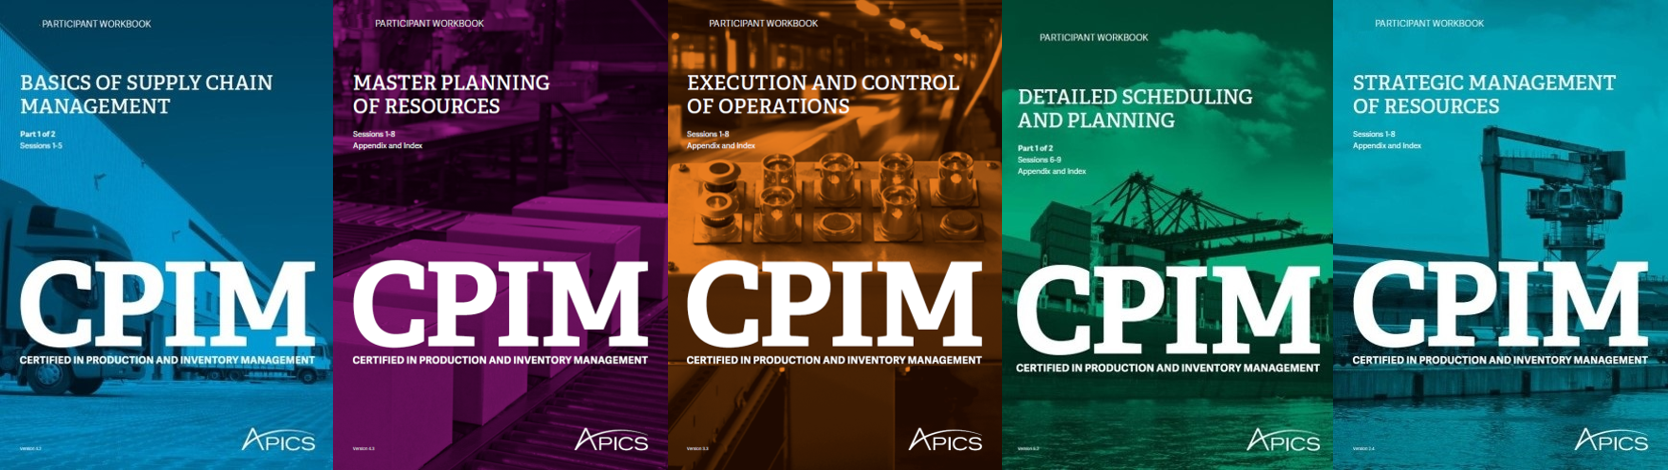 aChain - cursos APICS CPIM - BSCM, MPR, DSP, ECO e SMR - inscrições http://achain.com.br